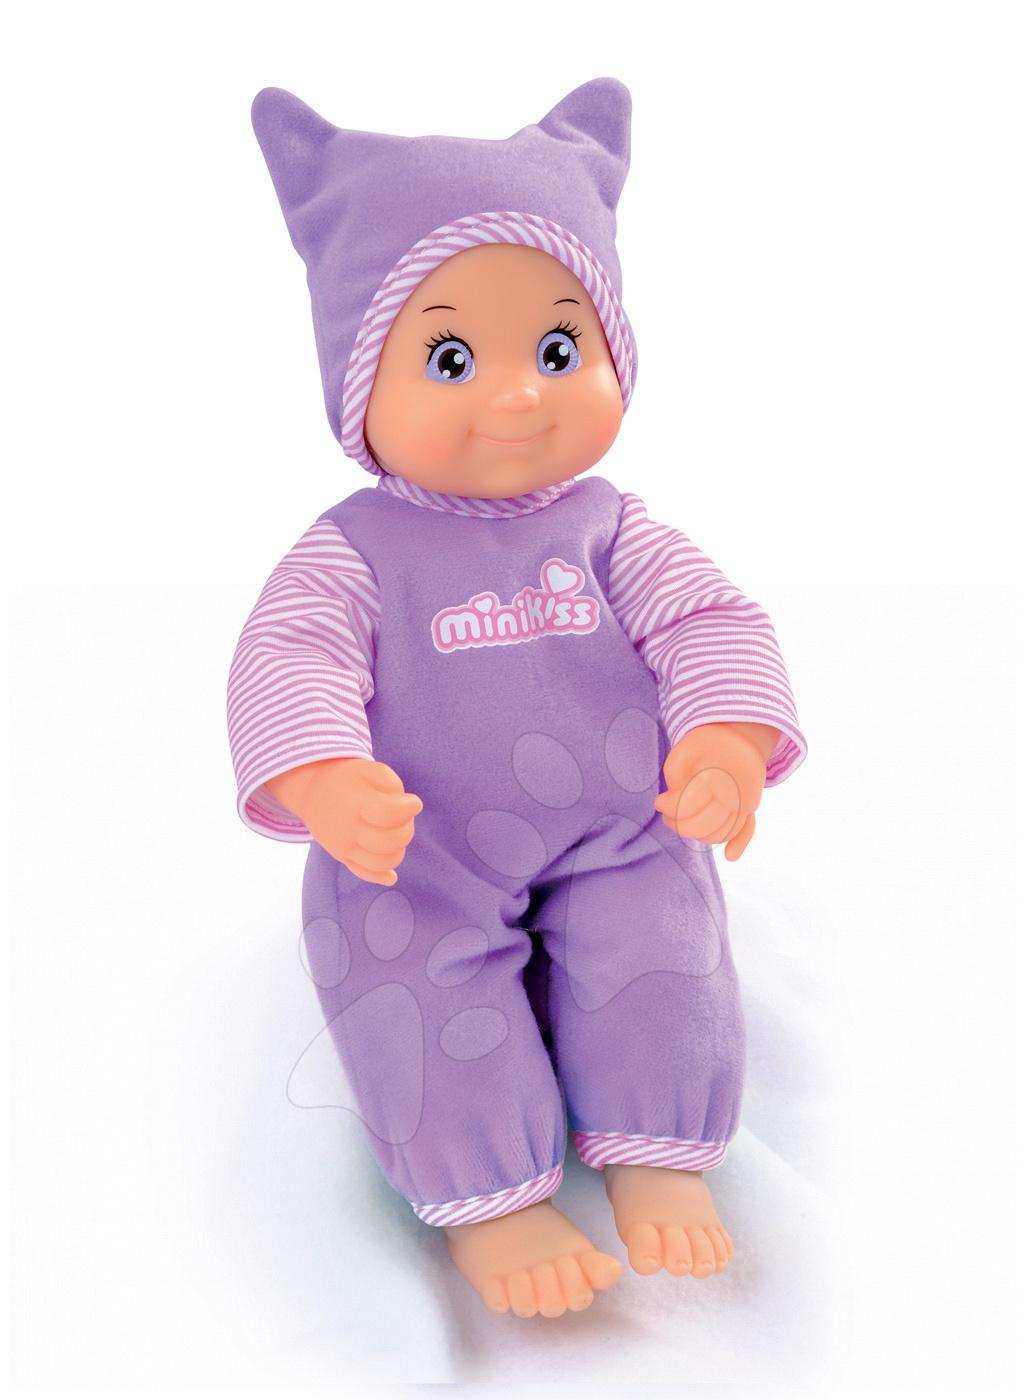 Minikiss panenka Tickle smějící se Smoby 27 cm od 12 měsíců